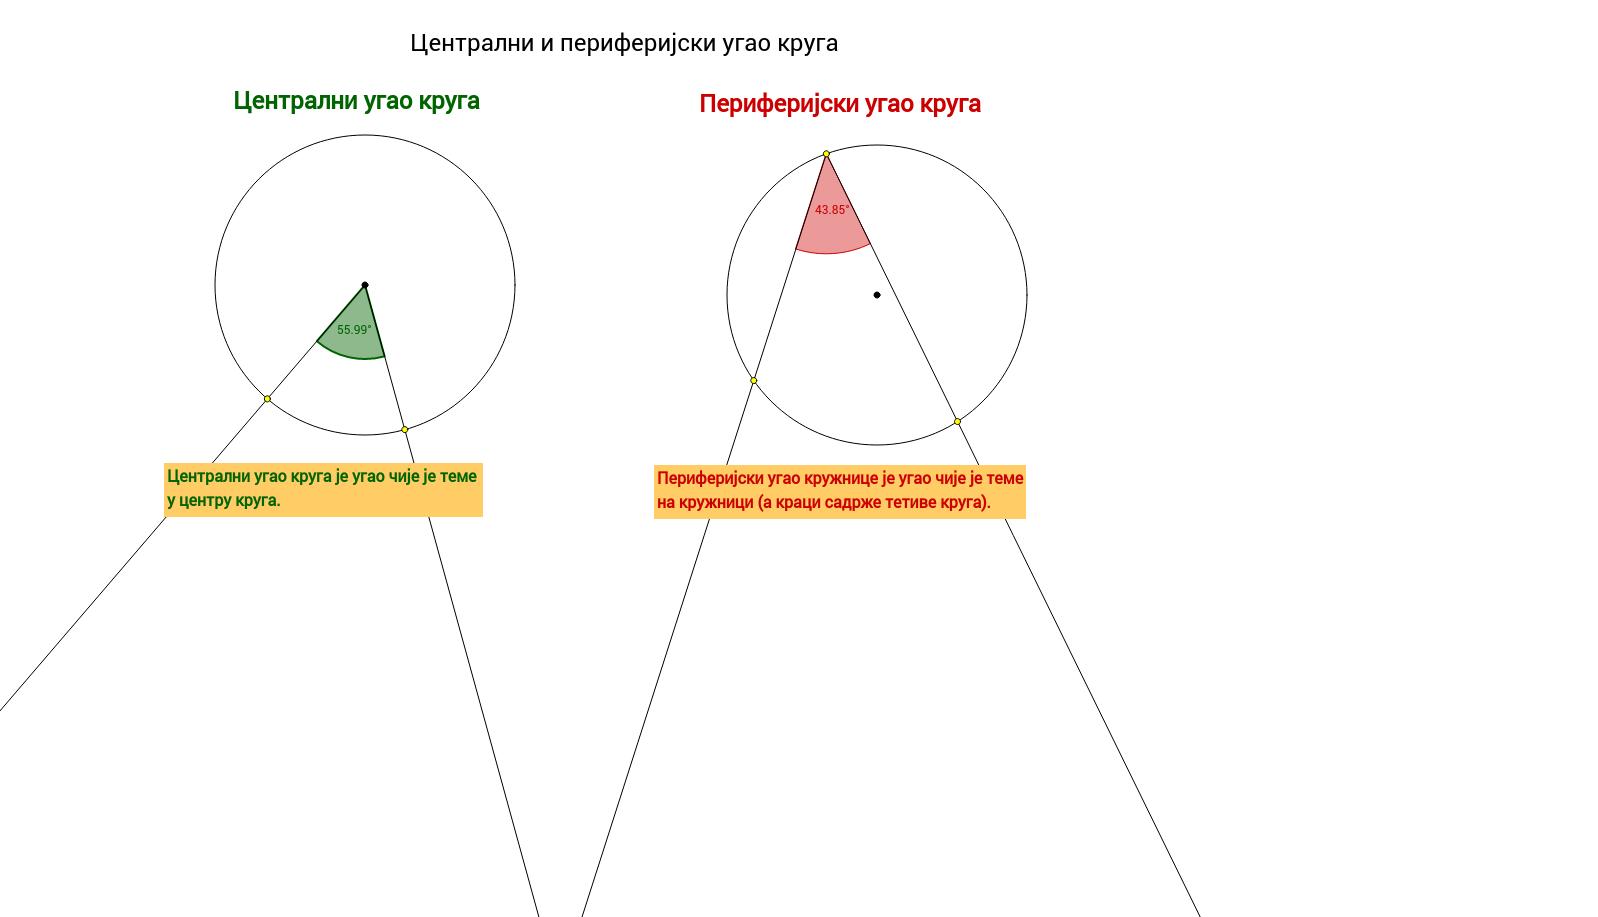 Centralni i periferijski ugao kruga - definicija